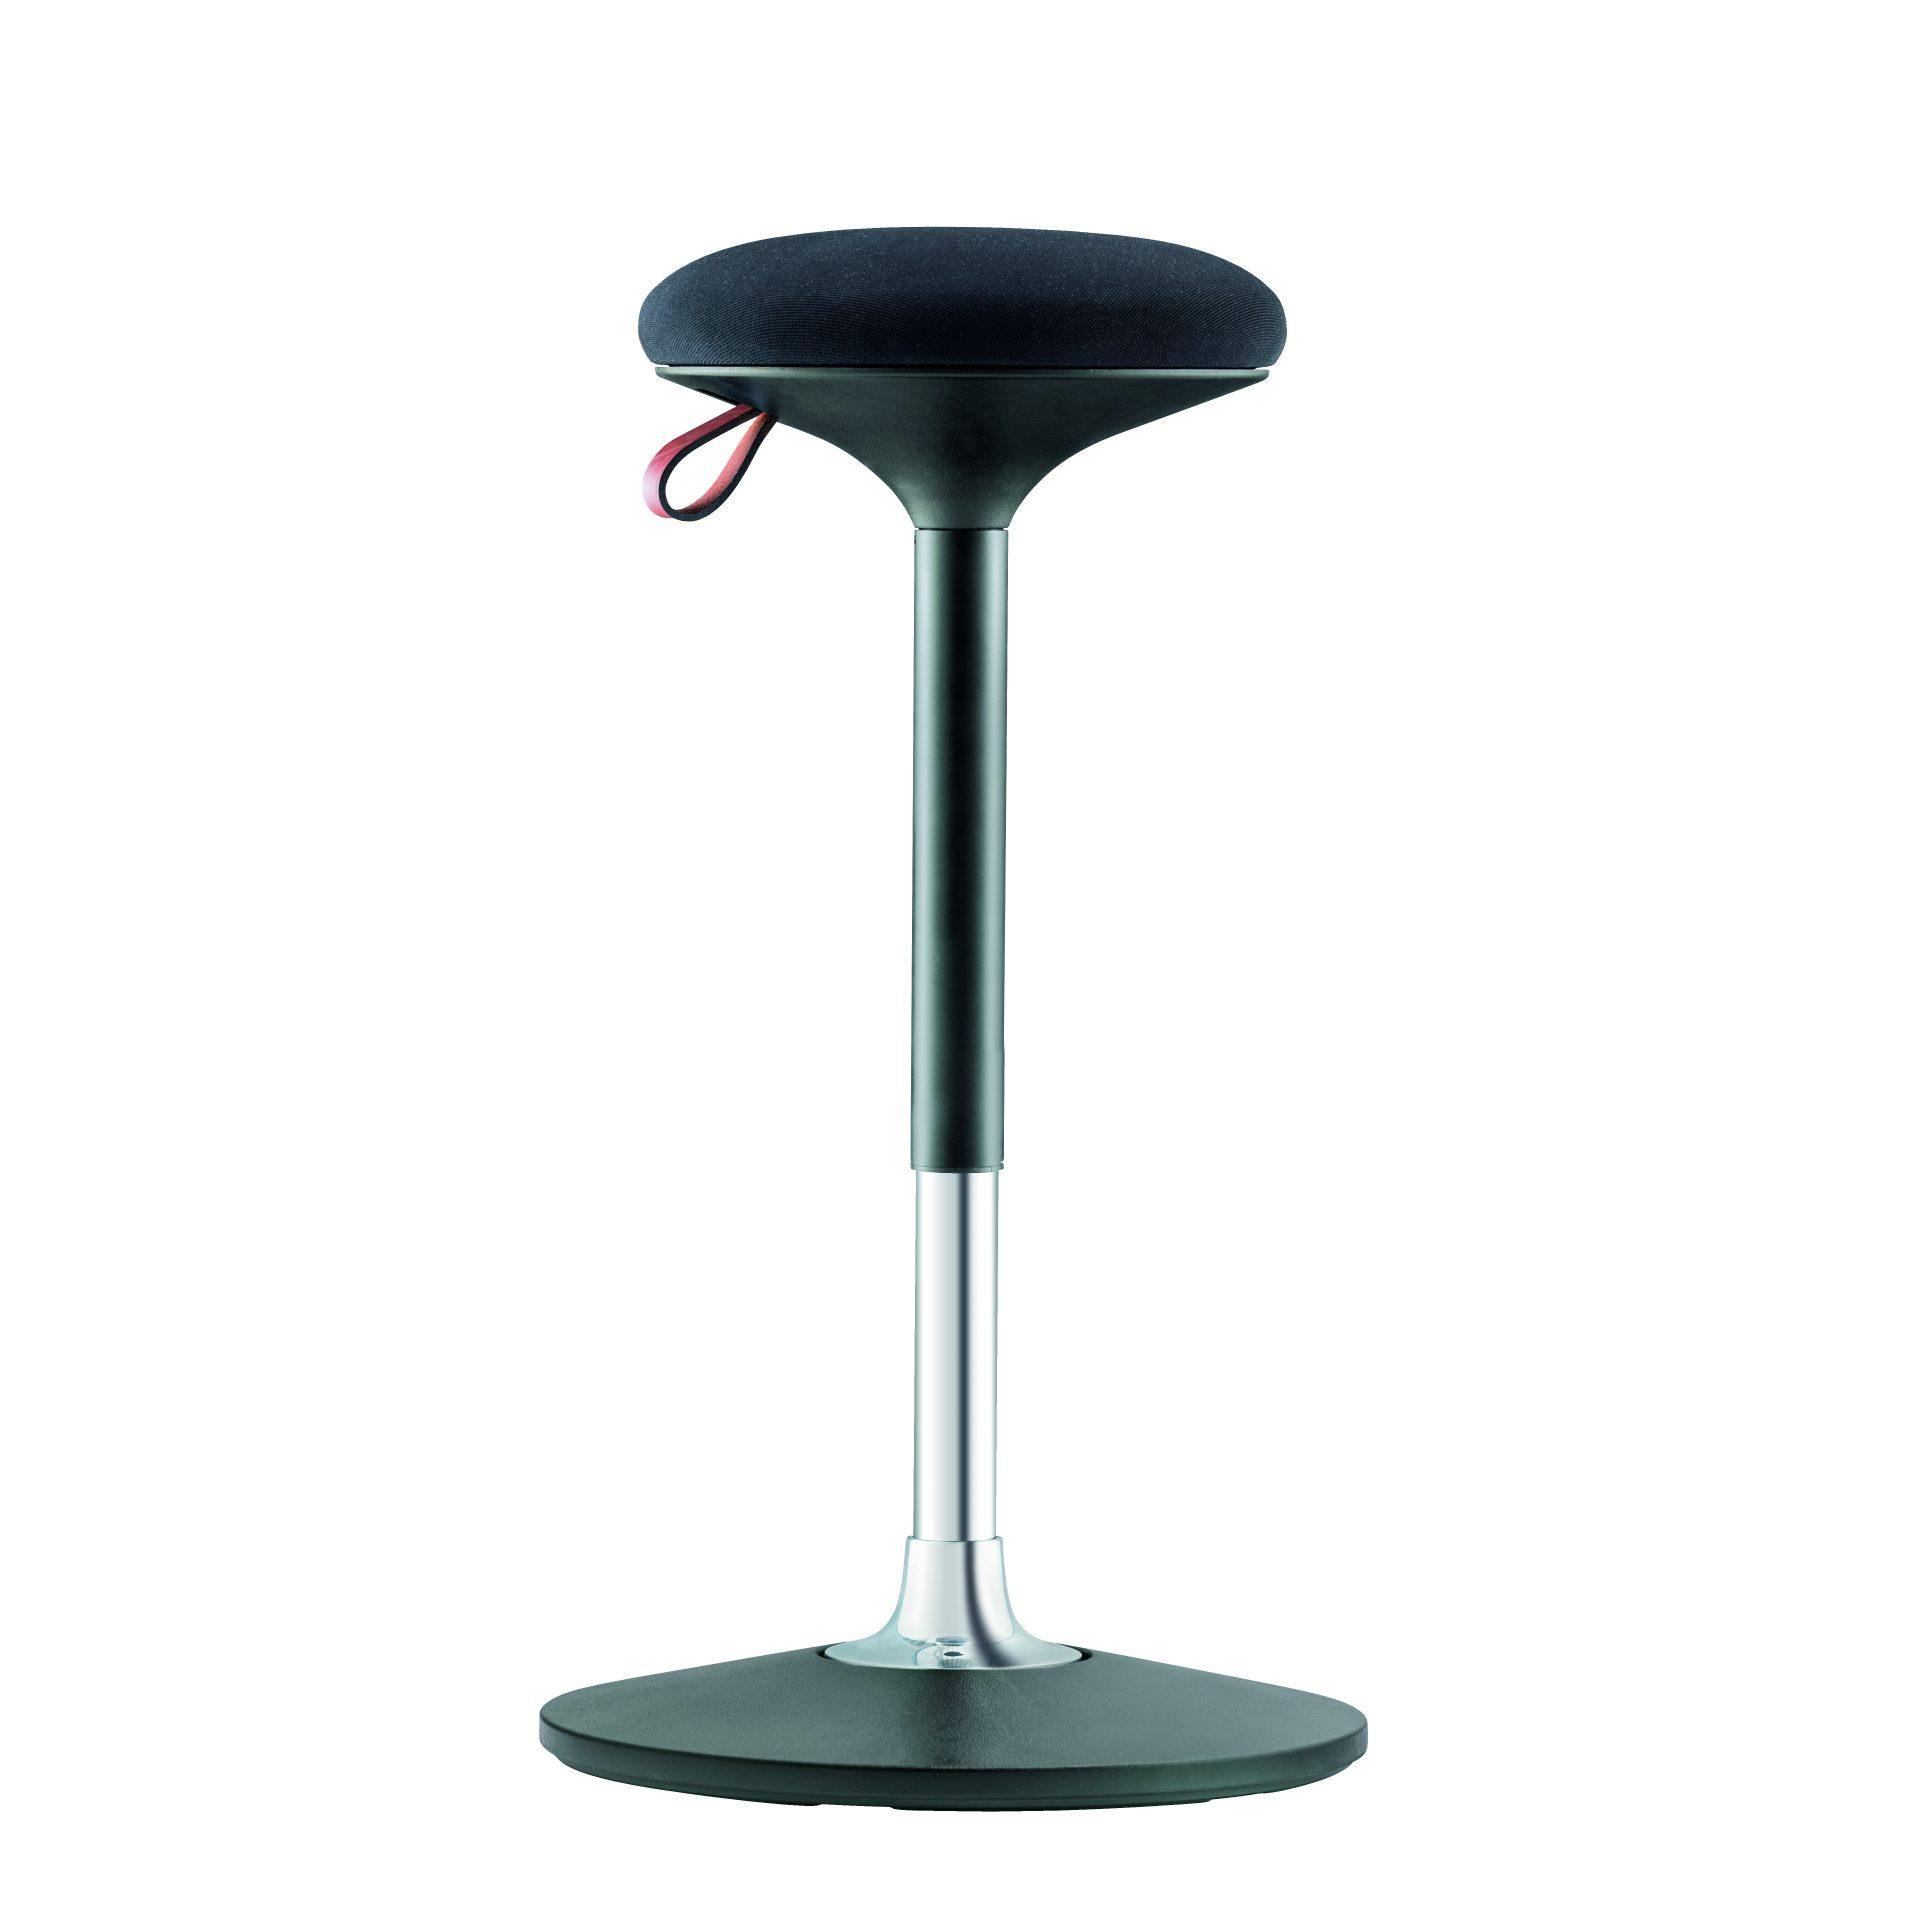 Billede af stå-støtte-stol, sort med polstret sæde.